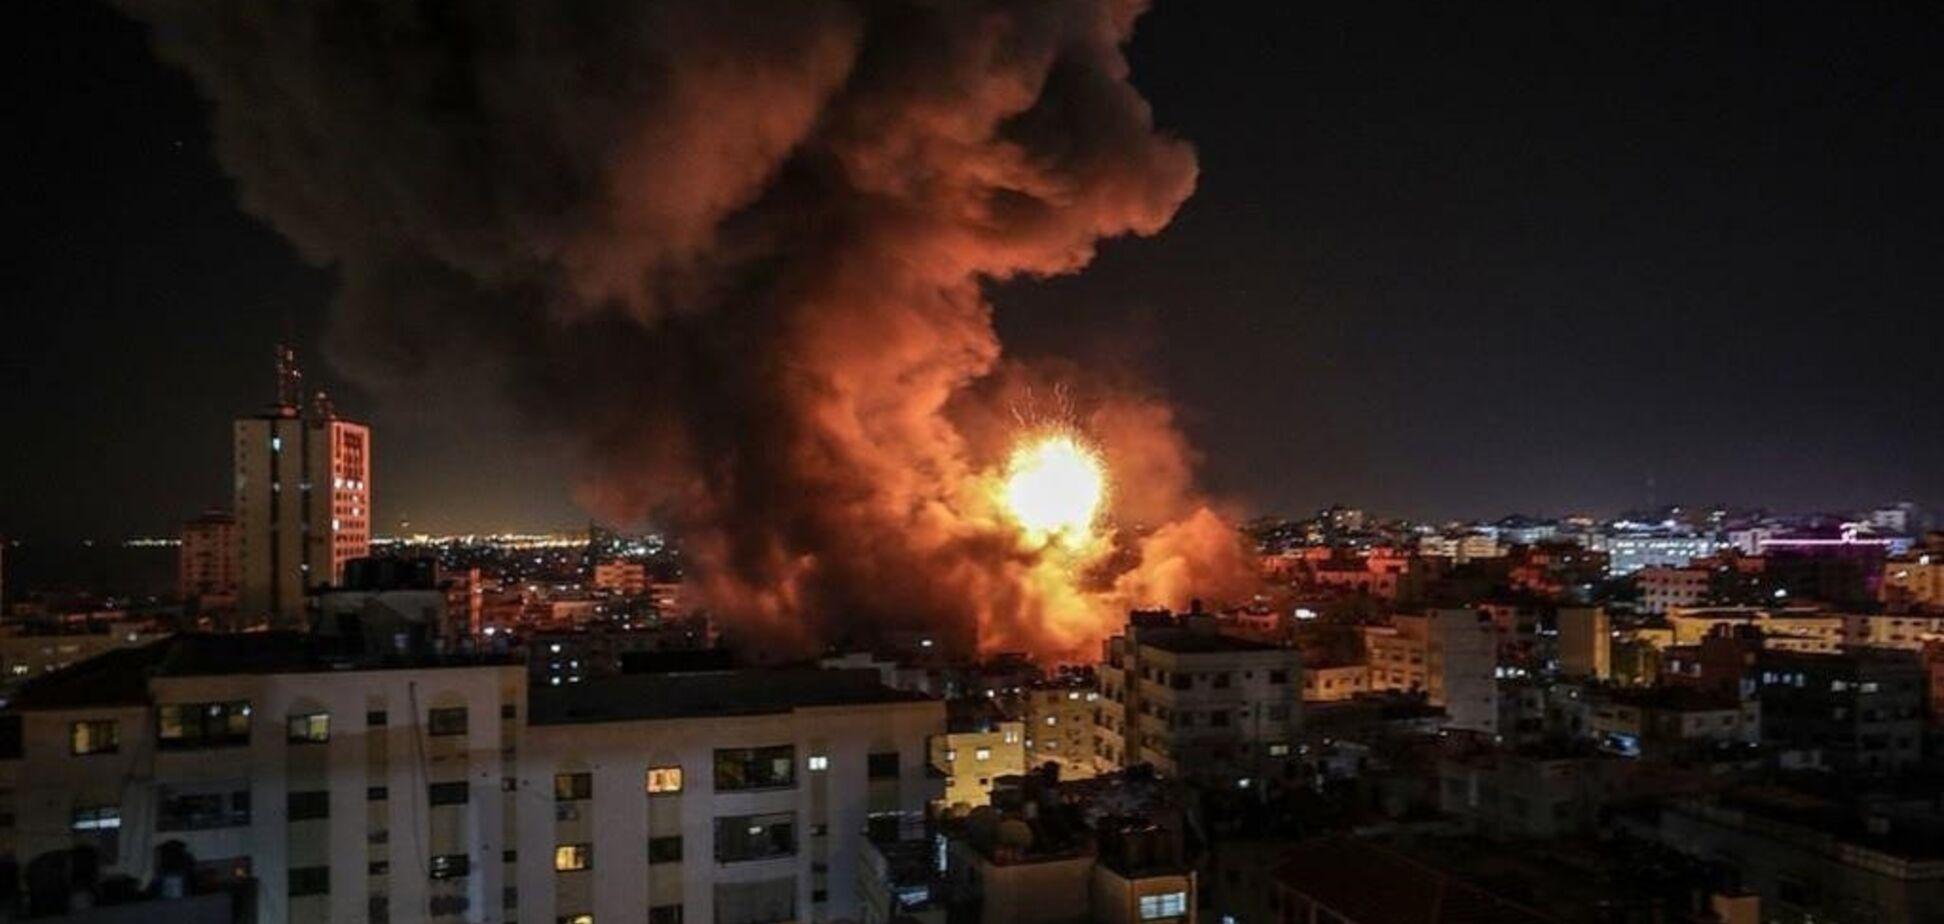 ''Використовують зброю Росії'': що відбувається у секторі Гази